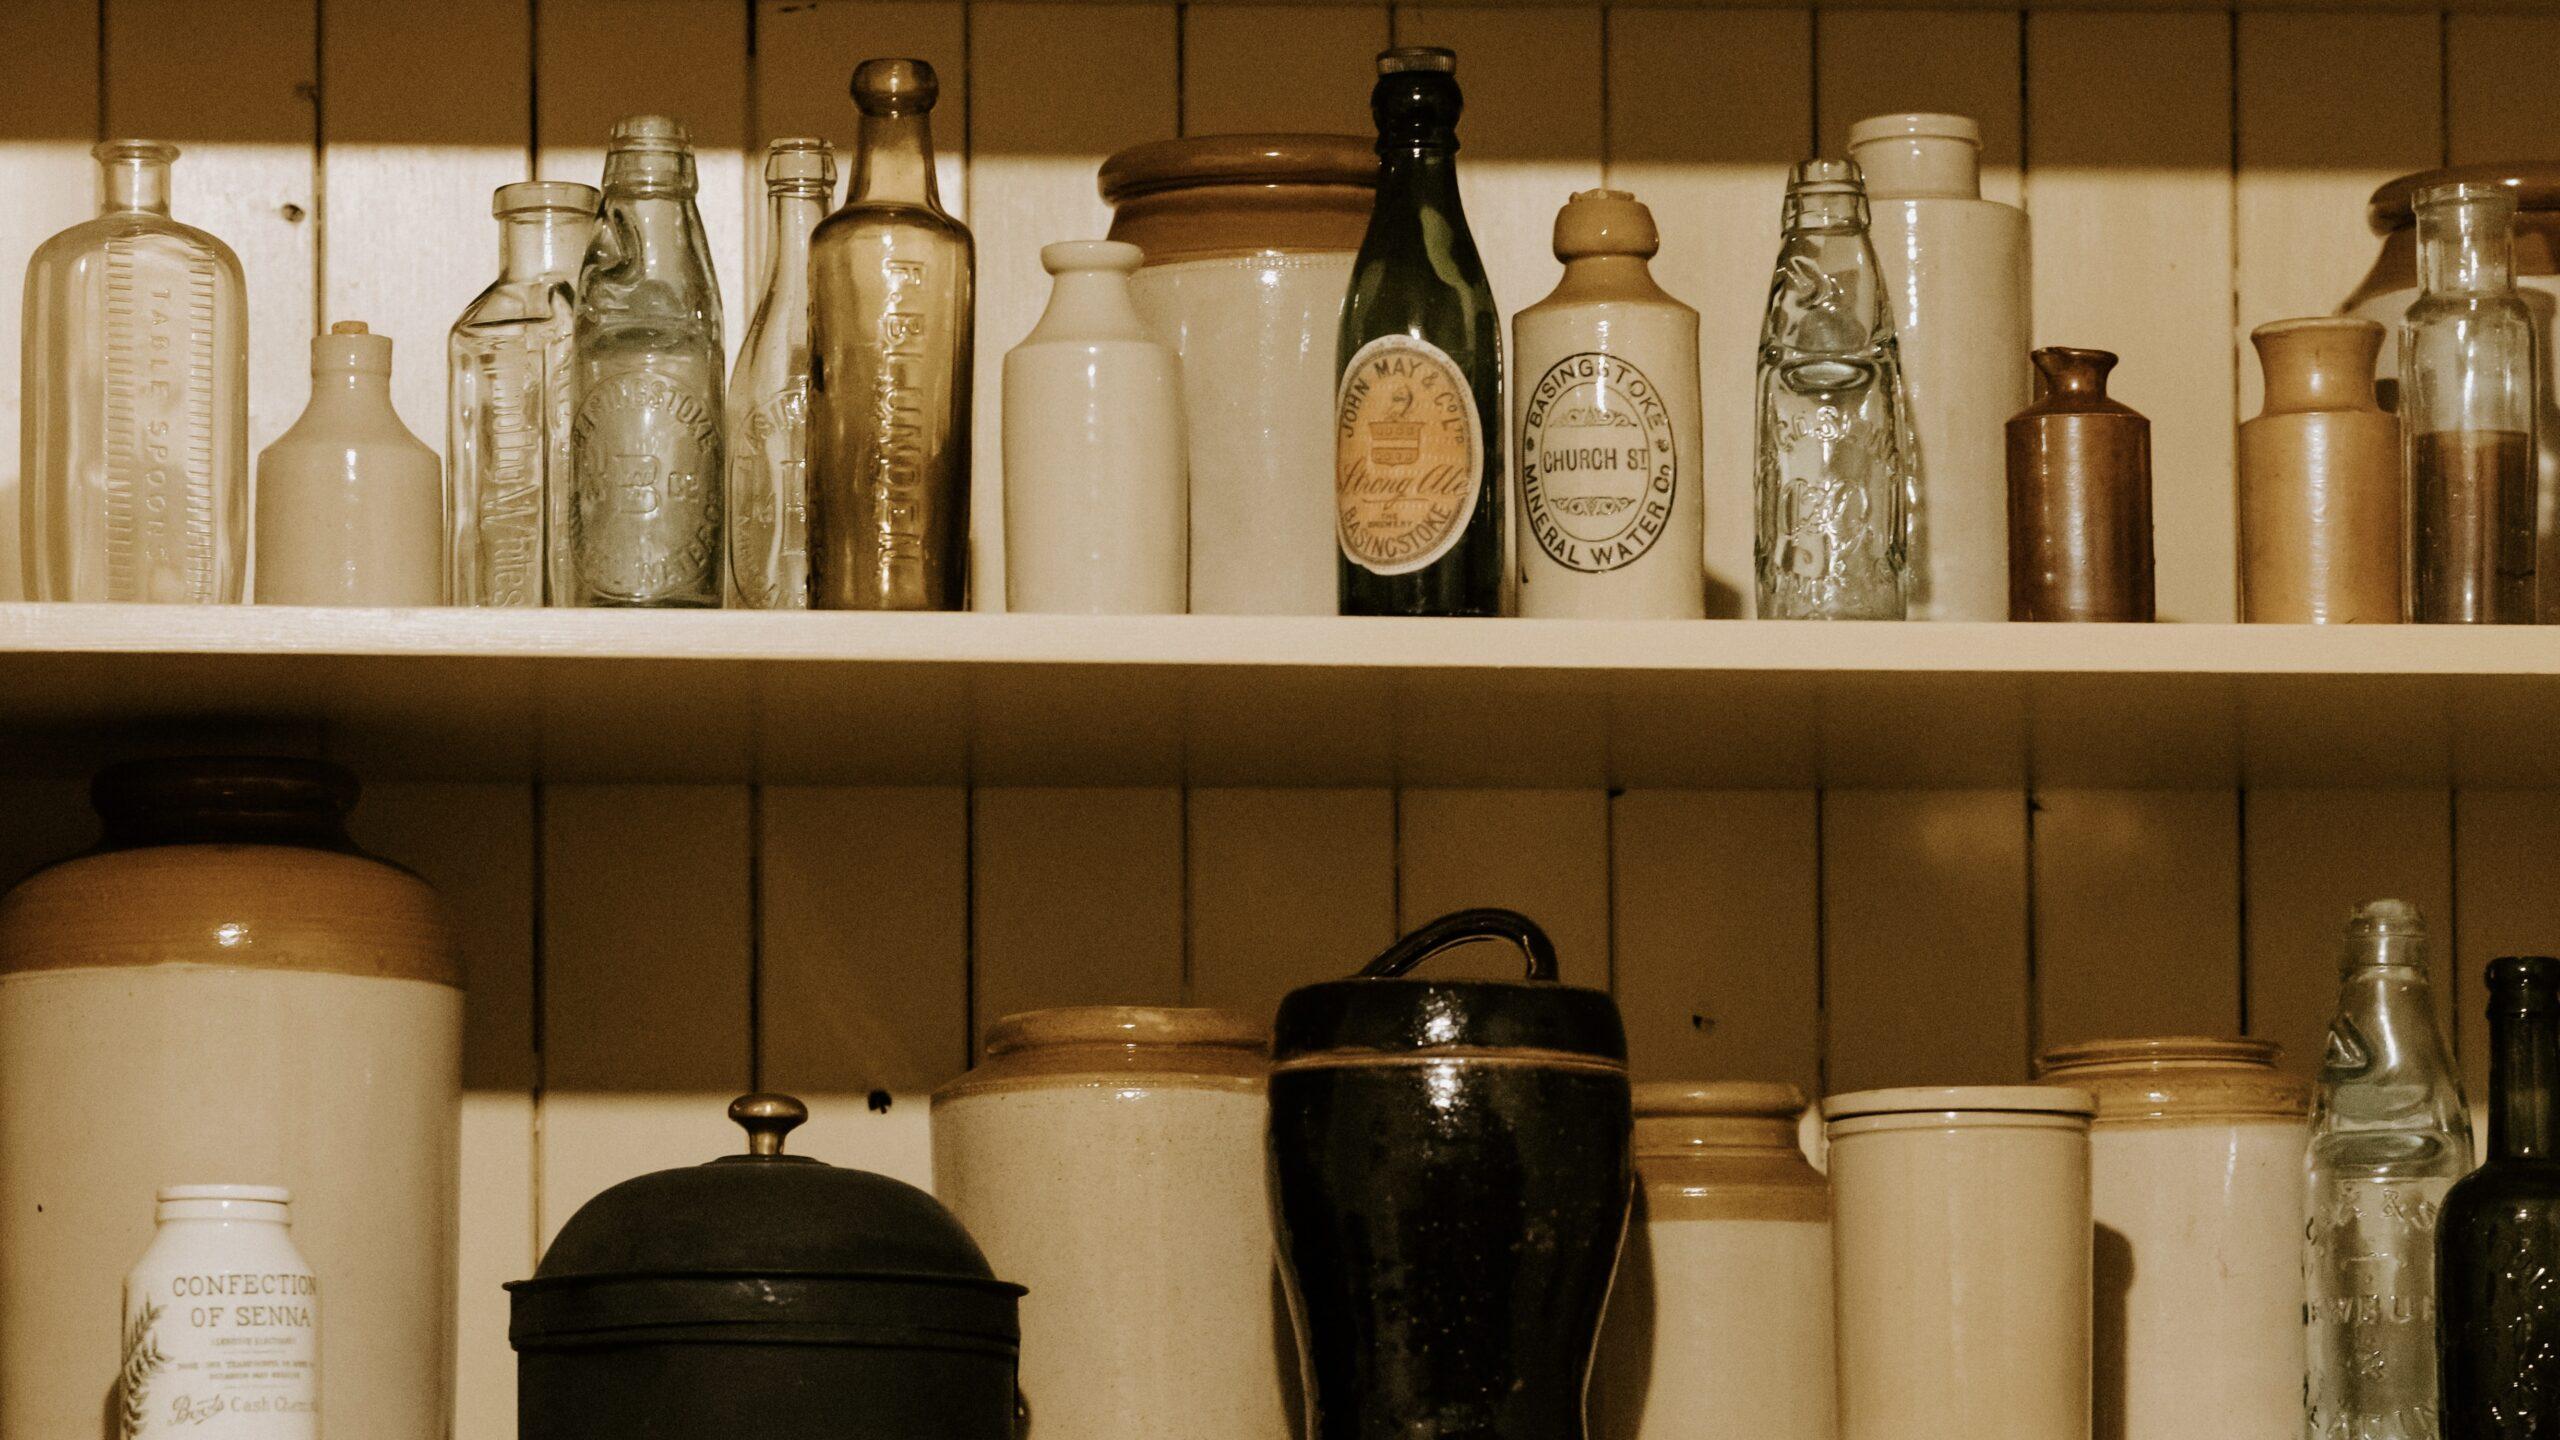 hh holmes kept shelves of poison